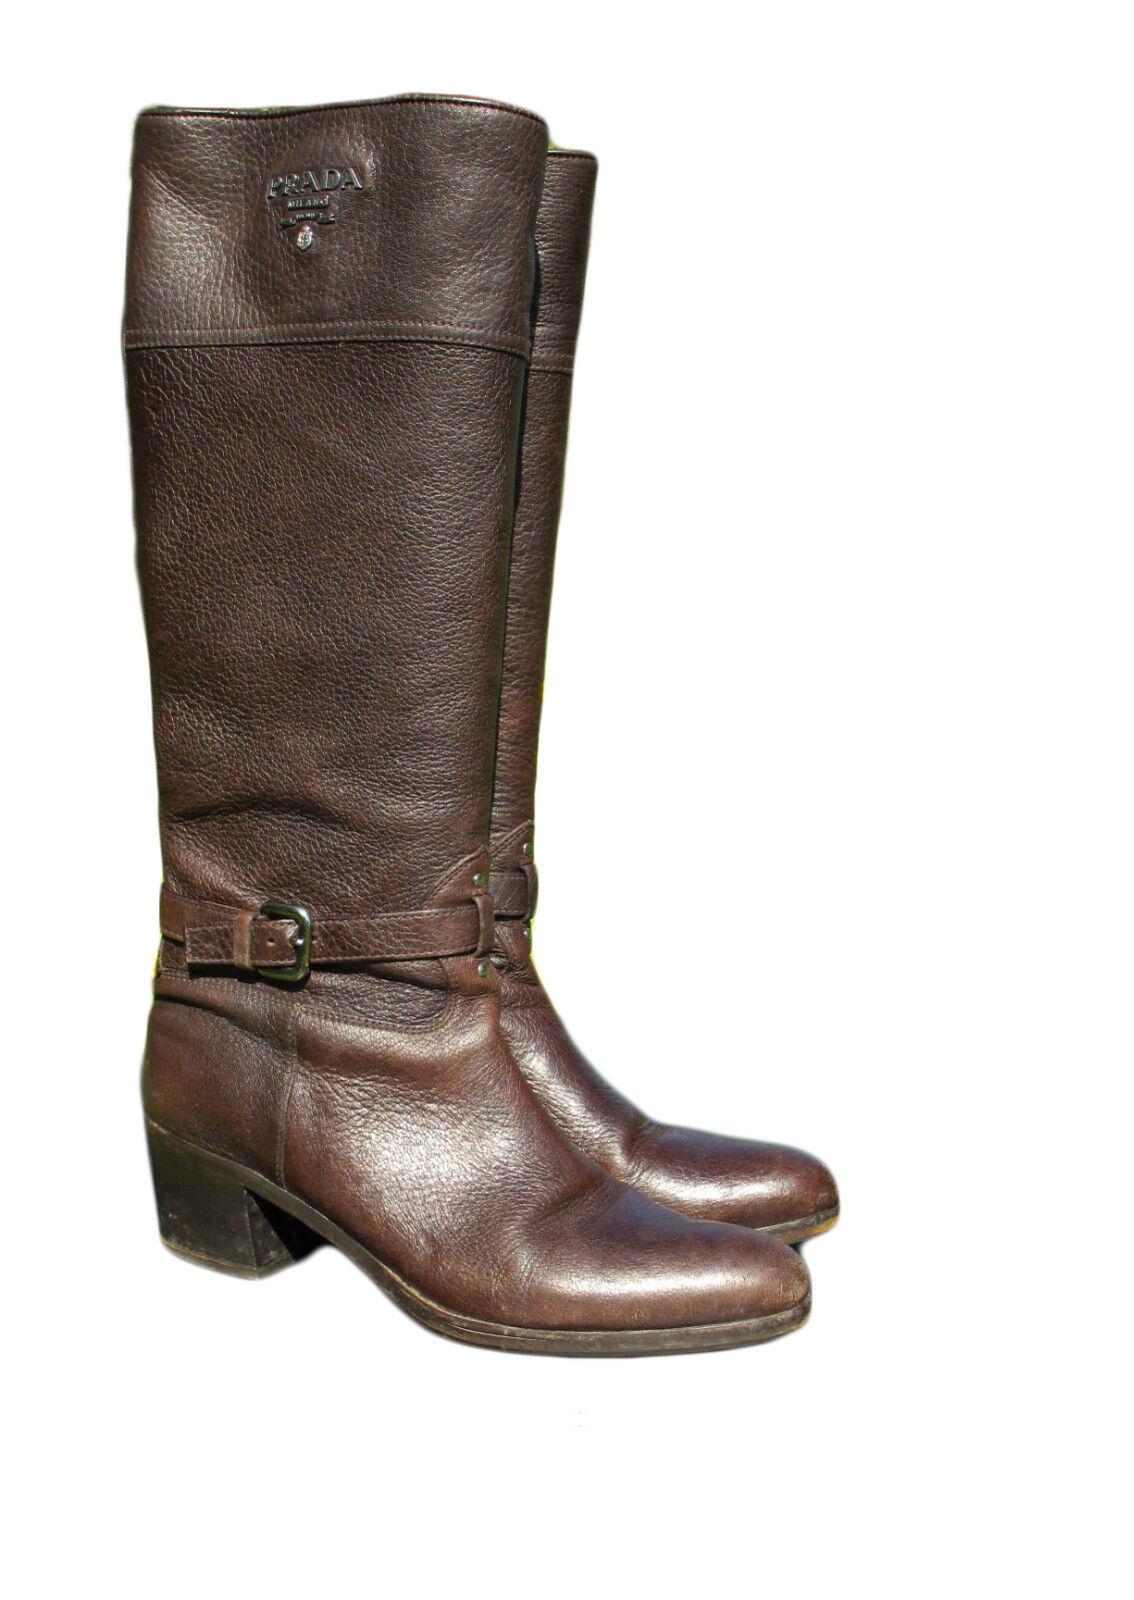 PRADA 1250 Logo Riding Boots Brown shoes Cervo Genuine Leather sz 39.5